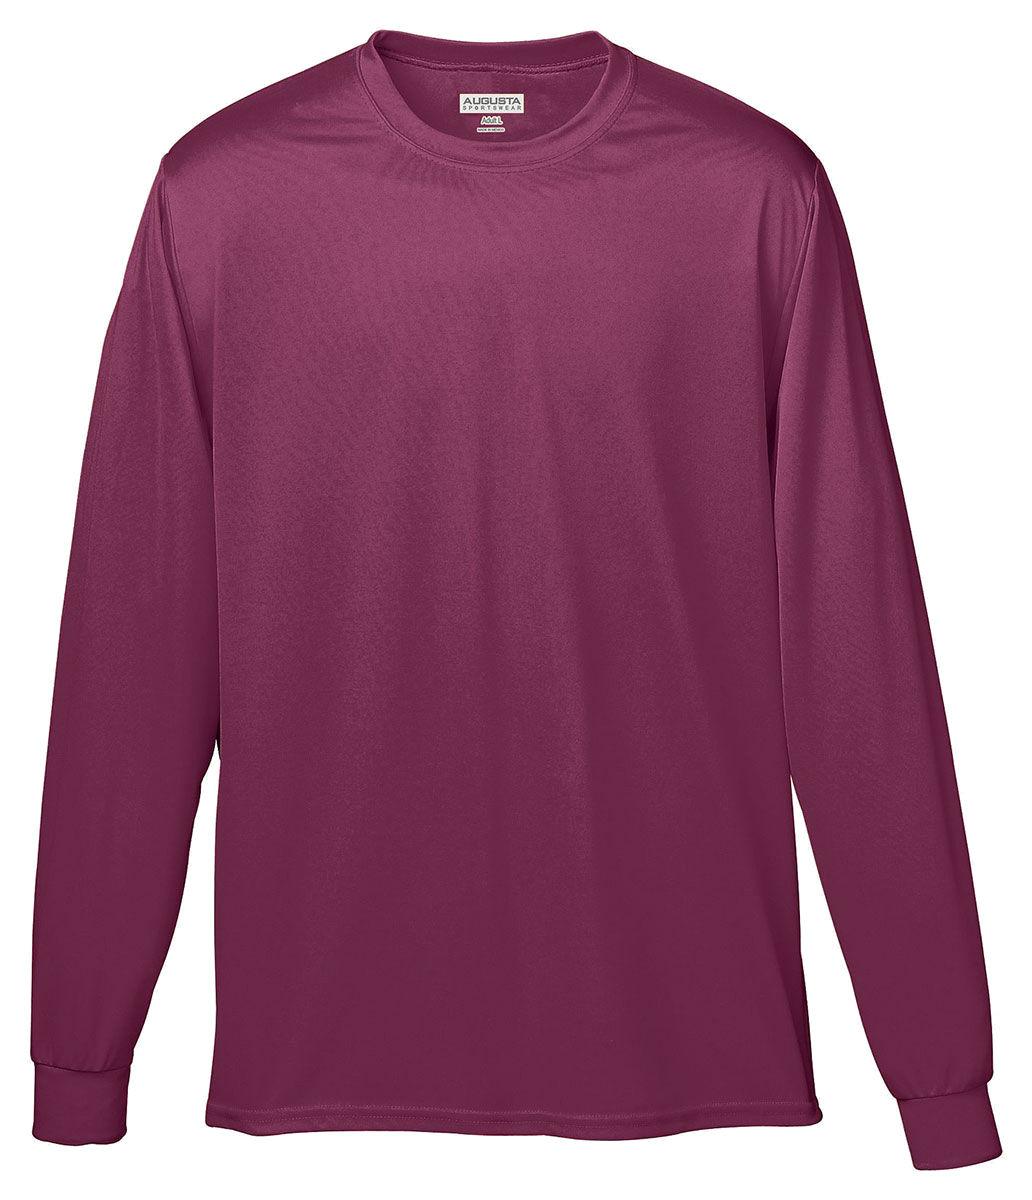 Augusta-Sportswear-Men-039-s-Moisture-Wicking-Long-Sleeve-Basic-Tee-788